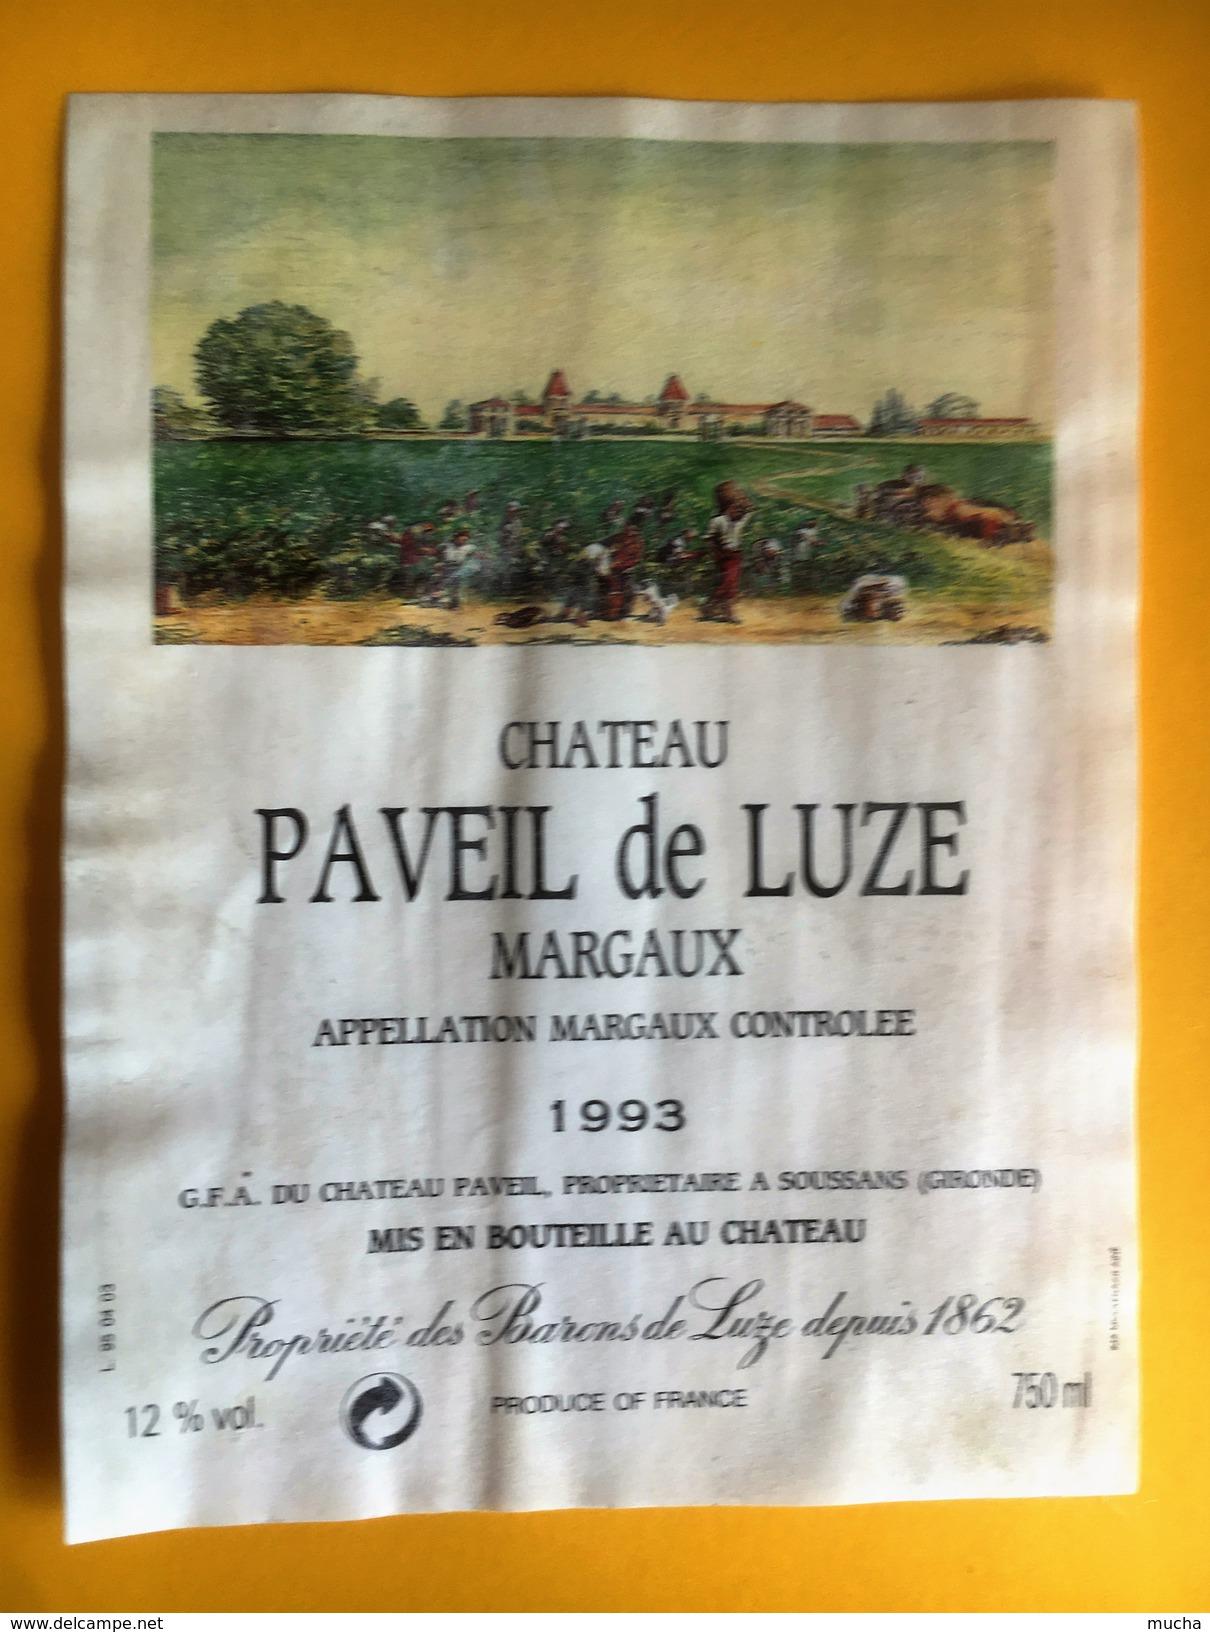 2239 - Château Paveil De Luze 1993 Margaux - Bordeaux